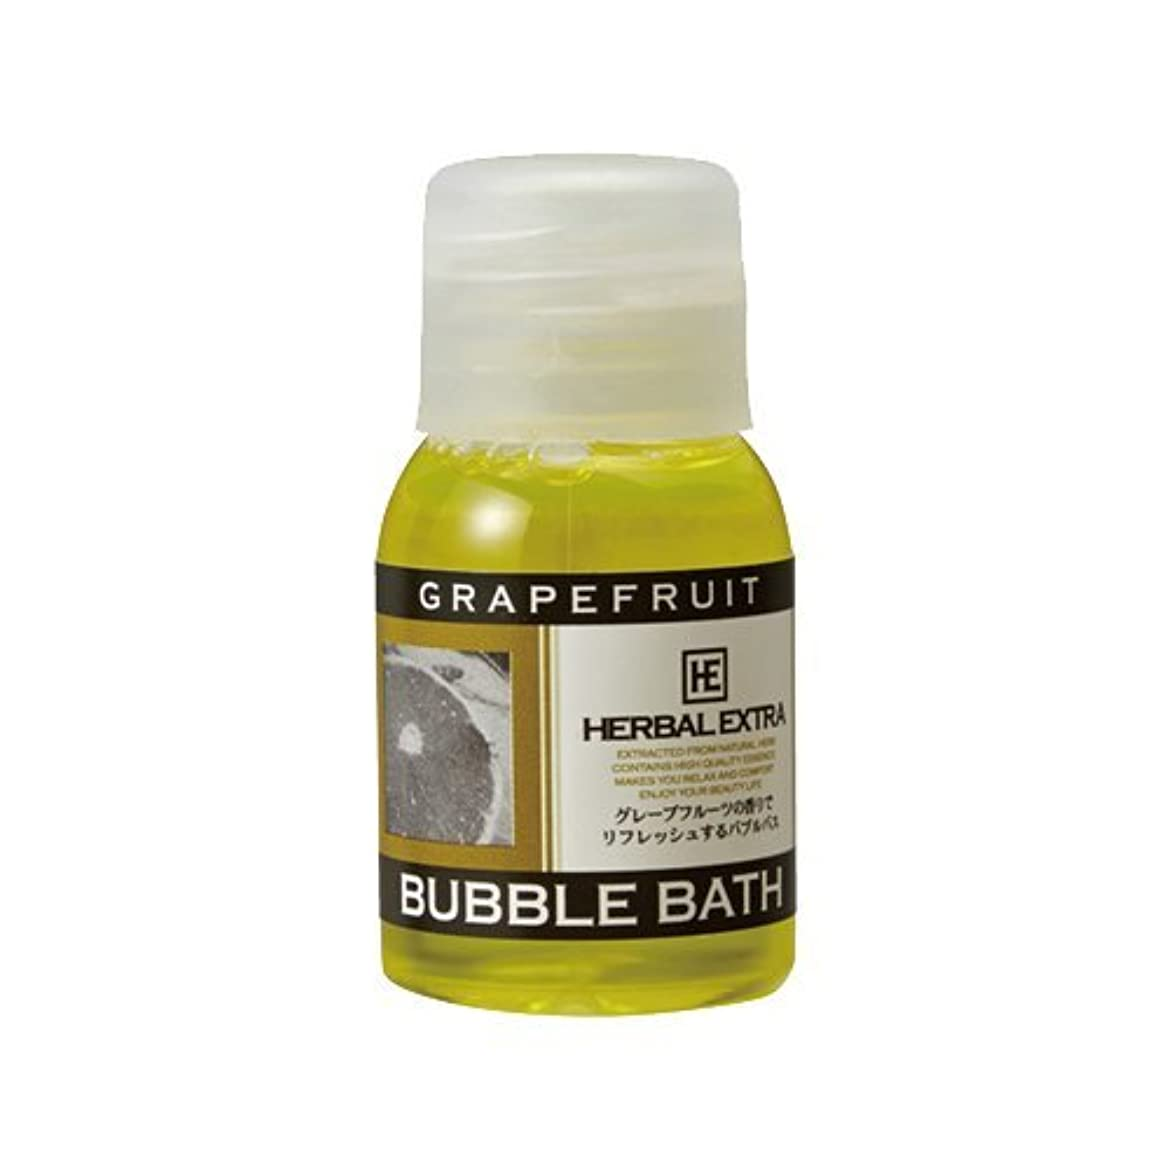 望ましい続編百年ハーバルエクストラ バブルバス ミニボトル グレープフルーツの香り × 5個セット - ホテルアメニティ 業務用 発泡入浴剤 (BUBBLE BATH)